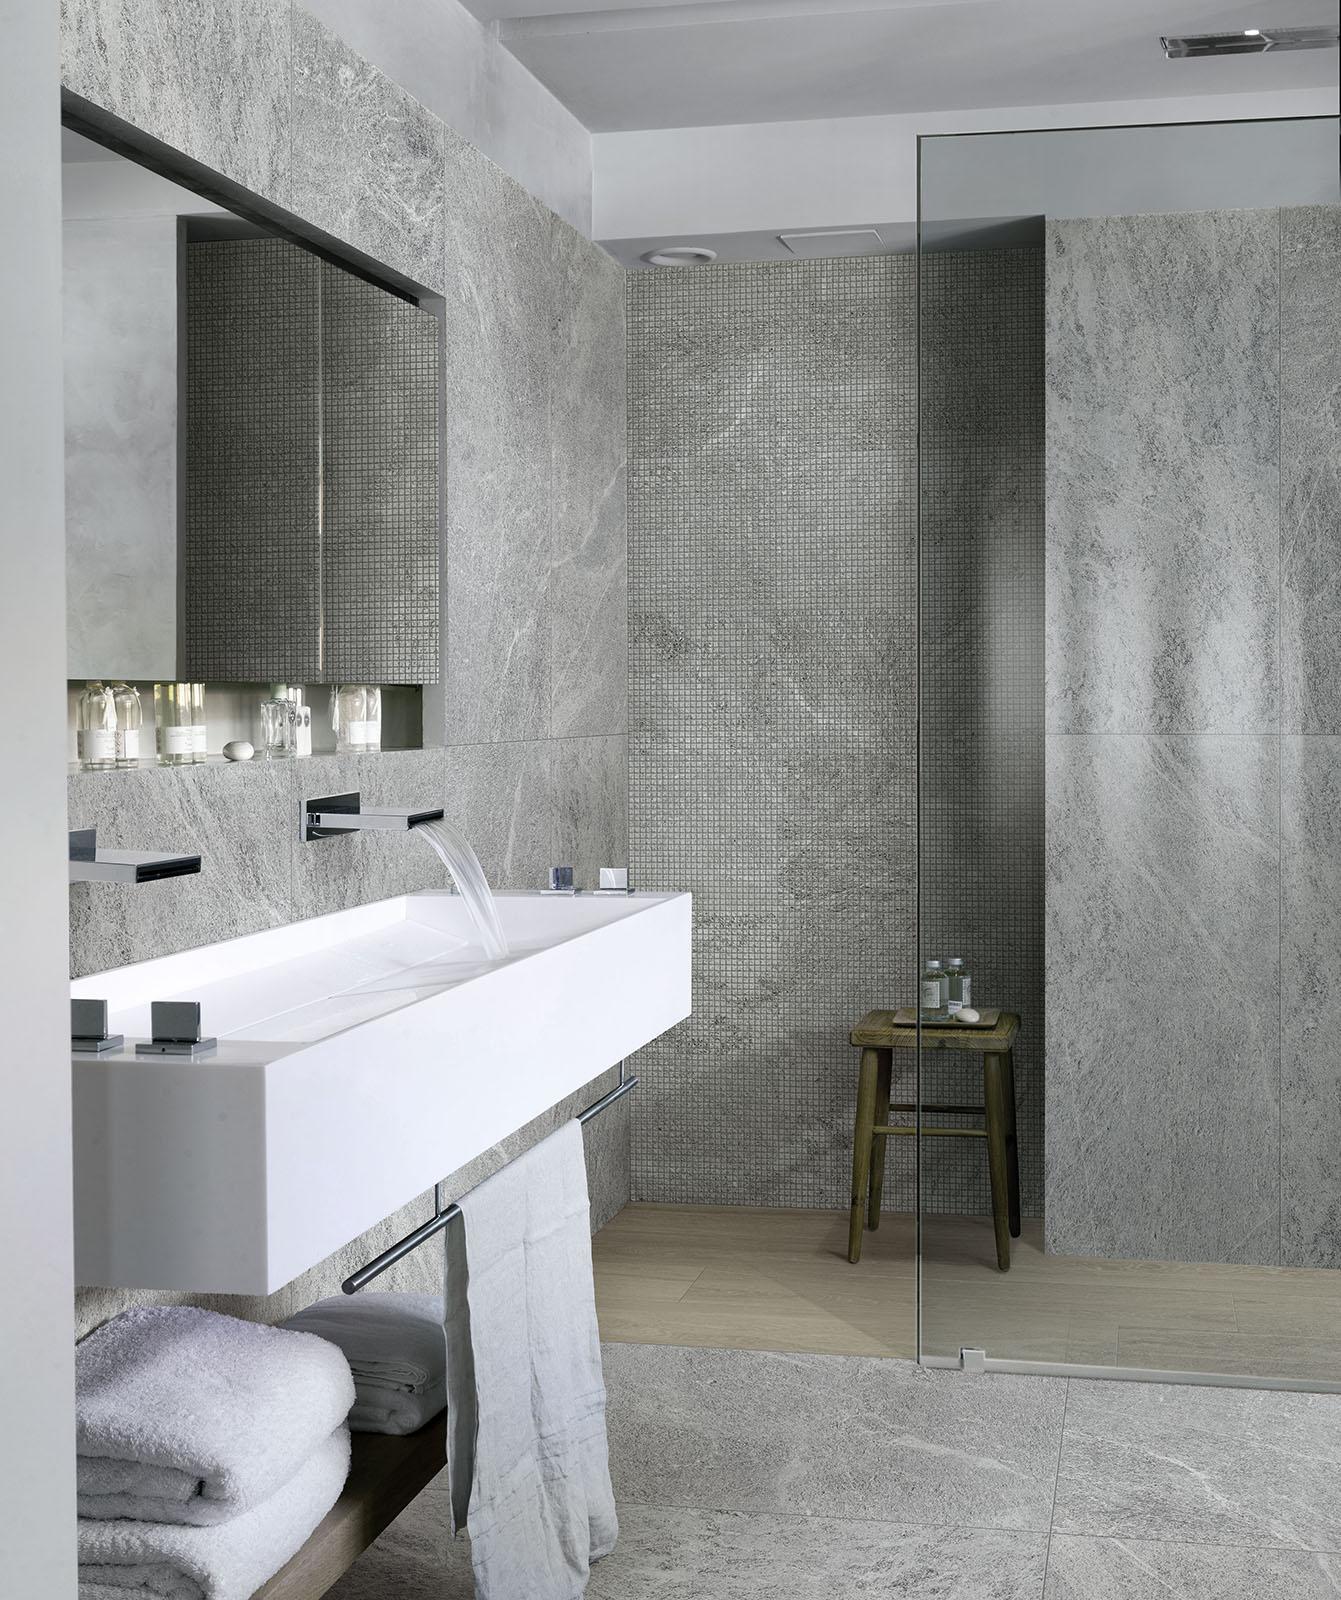 Fliesen Für Das Bad Marazzi - Www badezimmer de